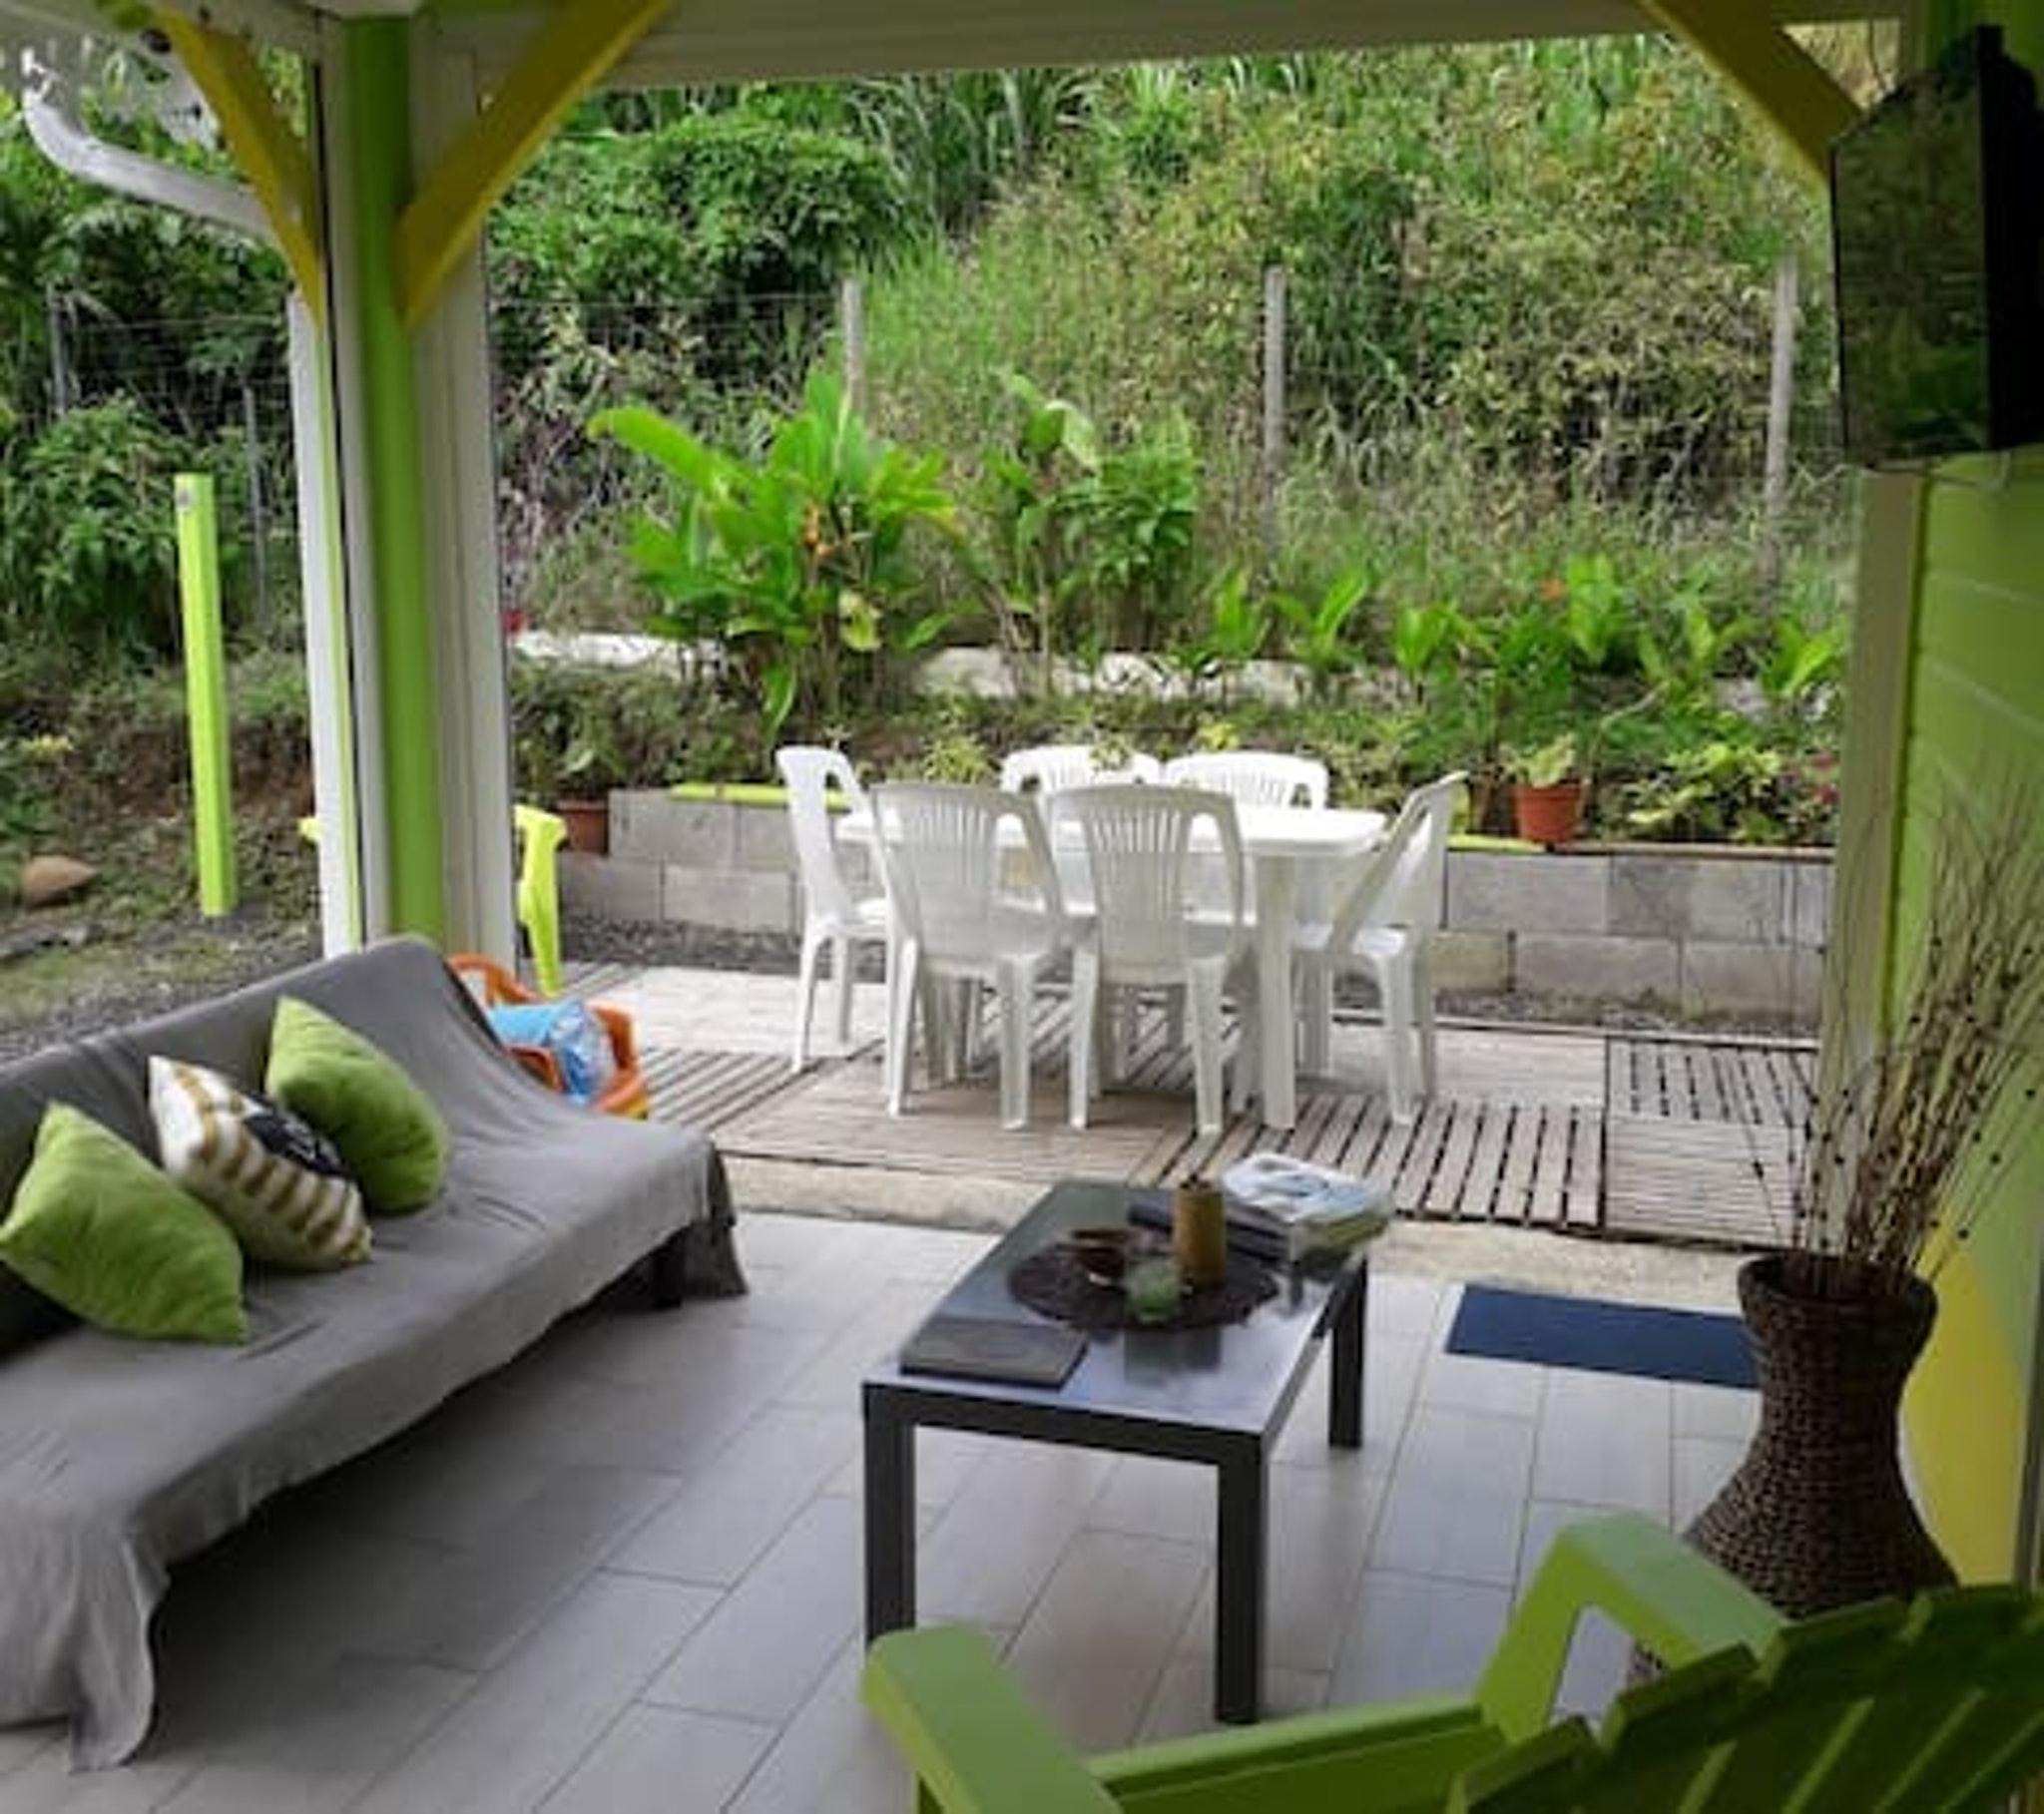 Villa mit 2 Schlafzimmern in Sainte-Luce mit priva Bungalow